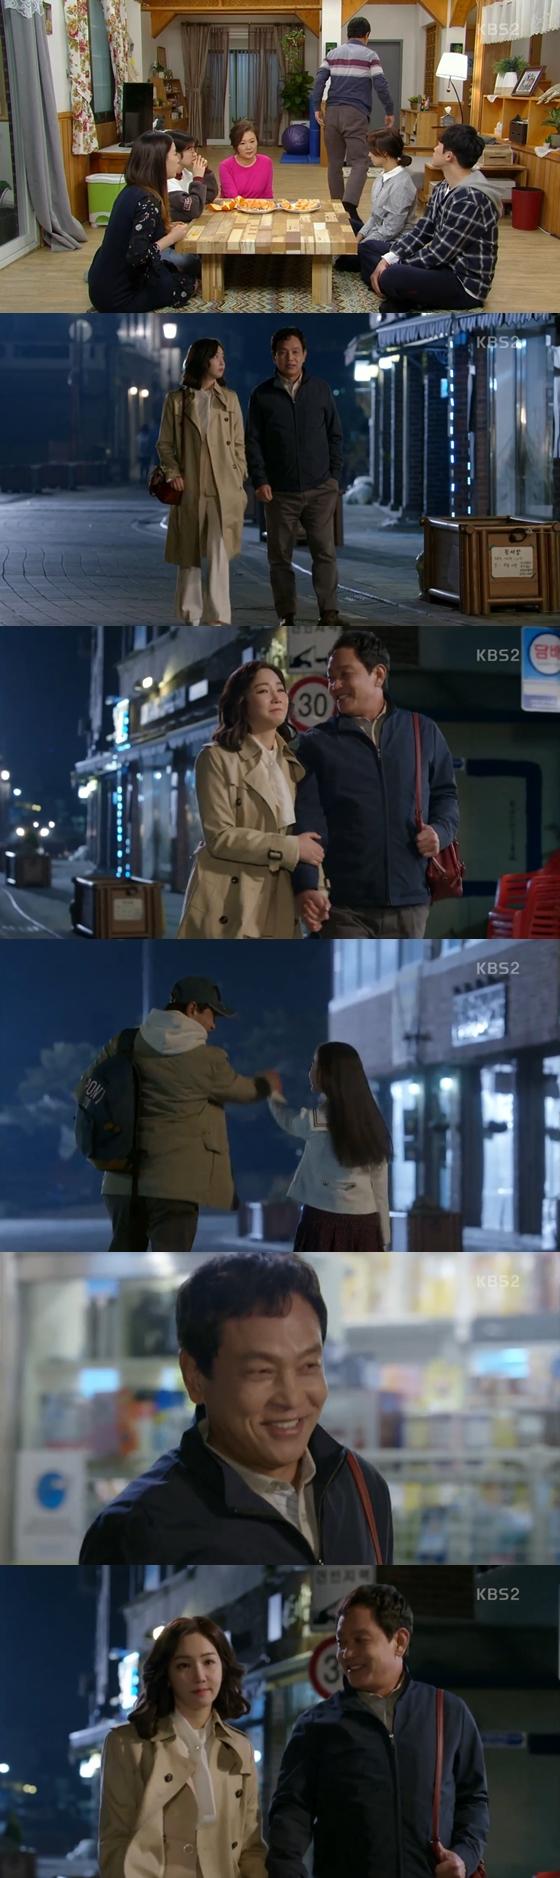 #드라마 ♥ '아버지가 이상해', 시청률 하락에도 주말극 최강자